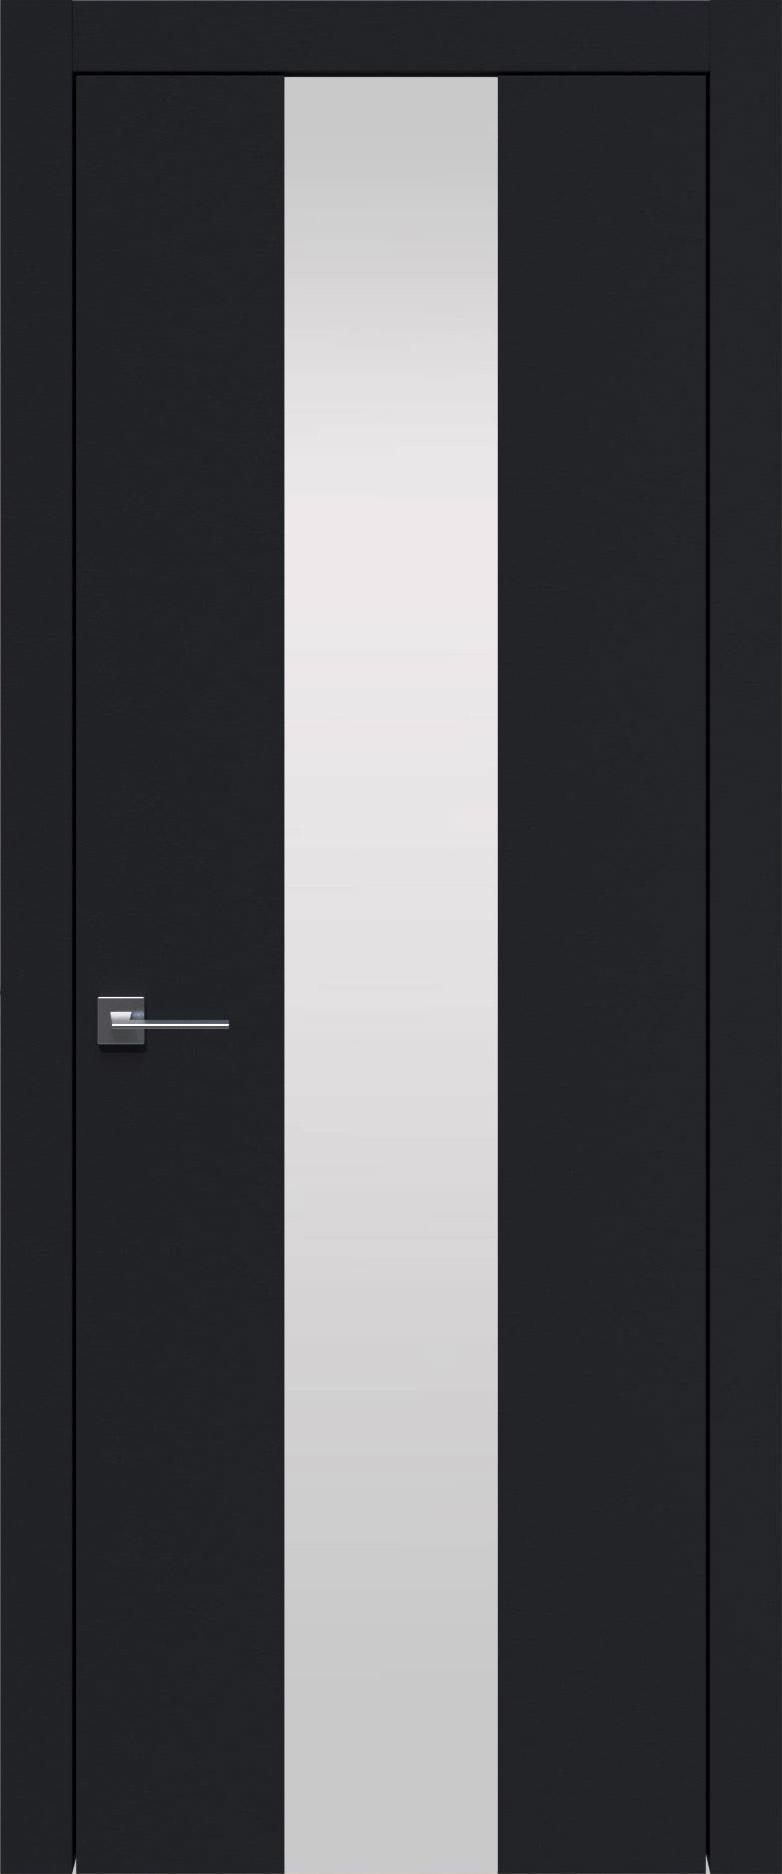 Tivoli Ж-5 цвет - Черная эмаль (RAL 9004) Со стеклом (ДО)